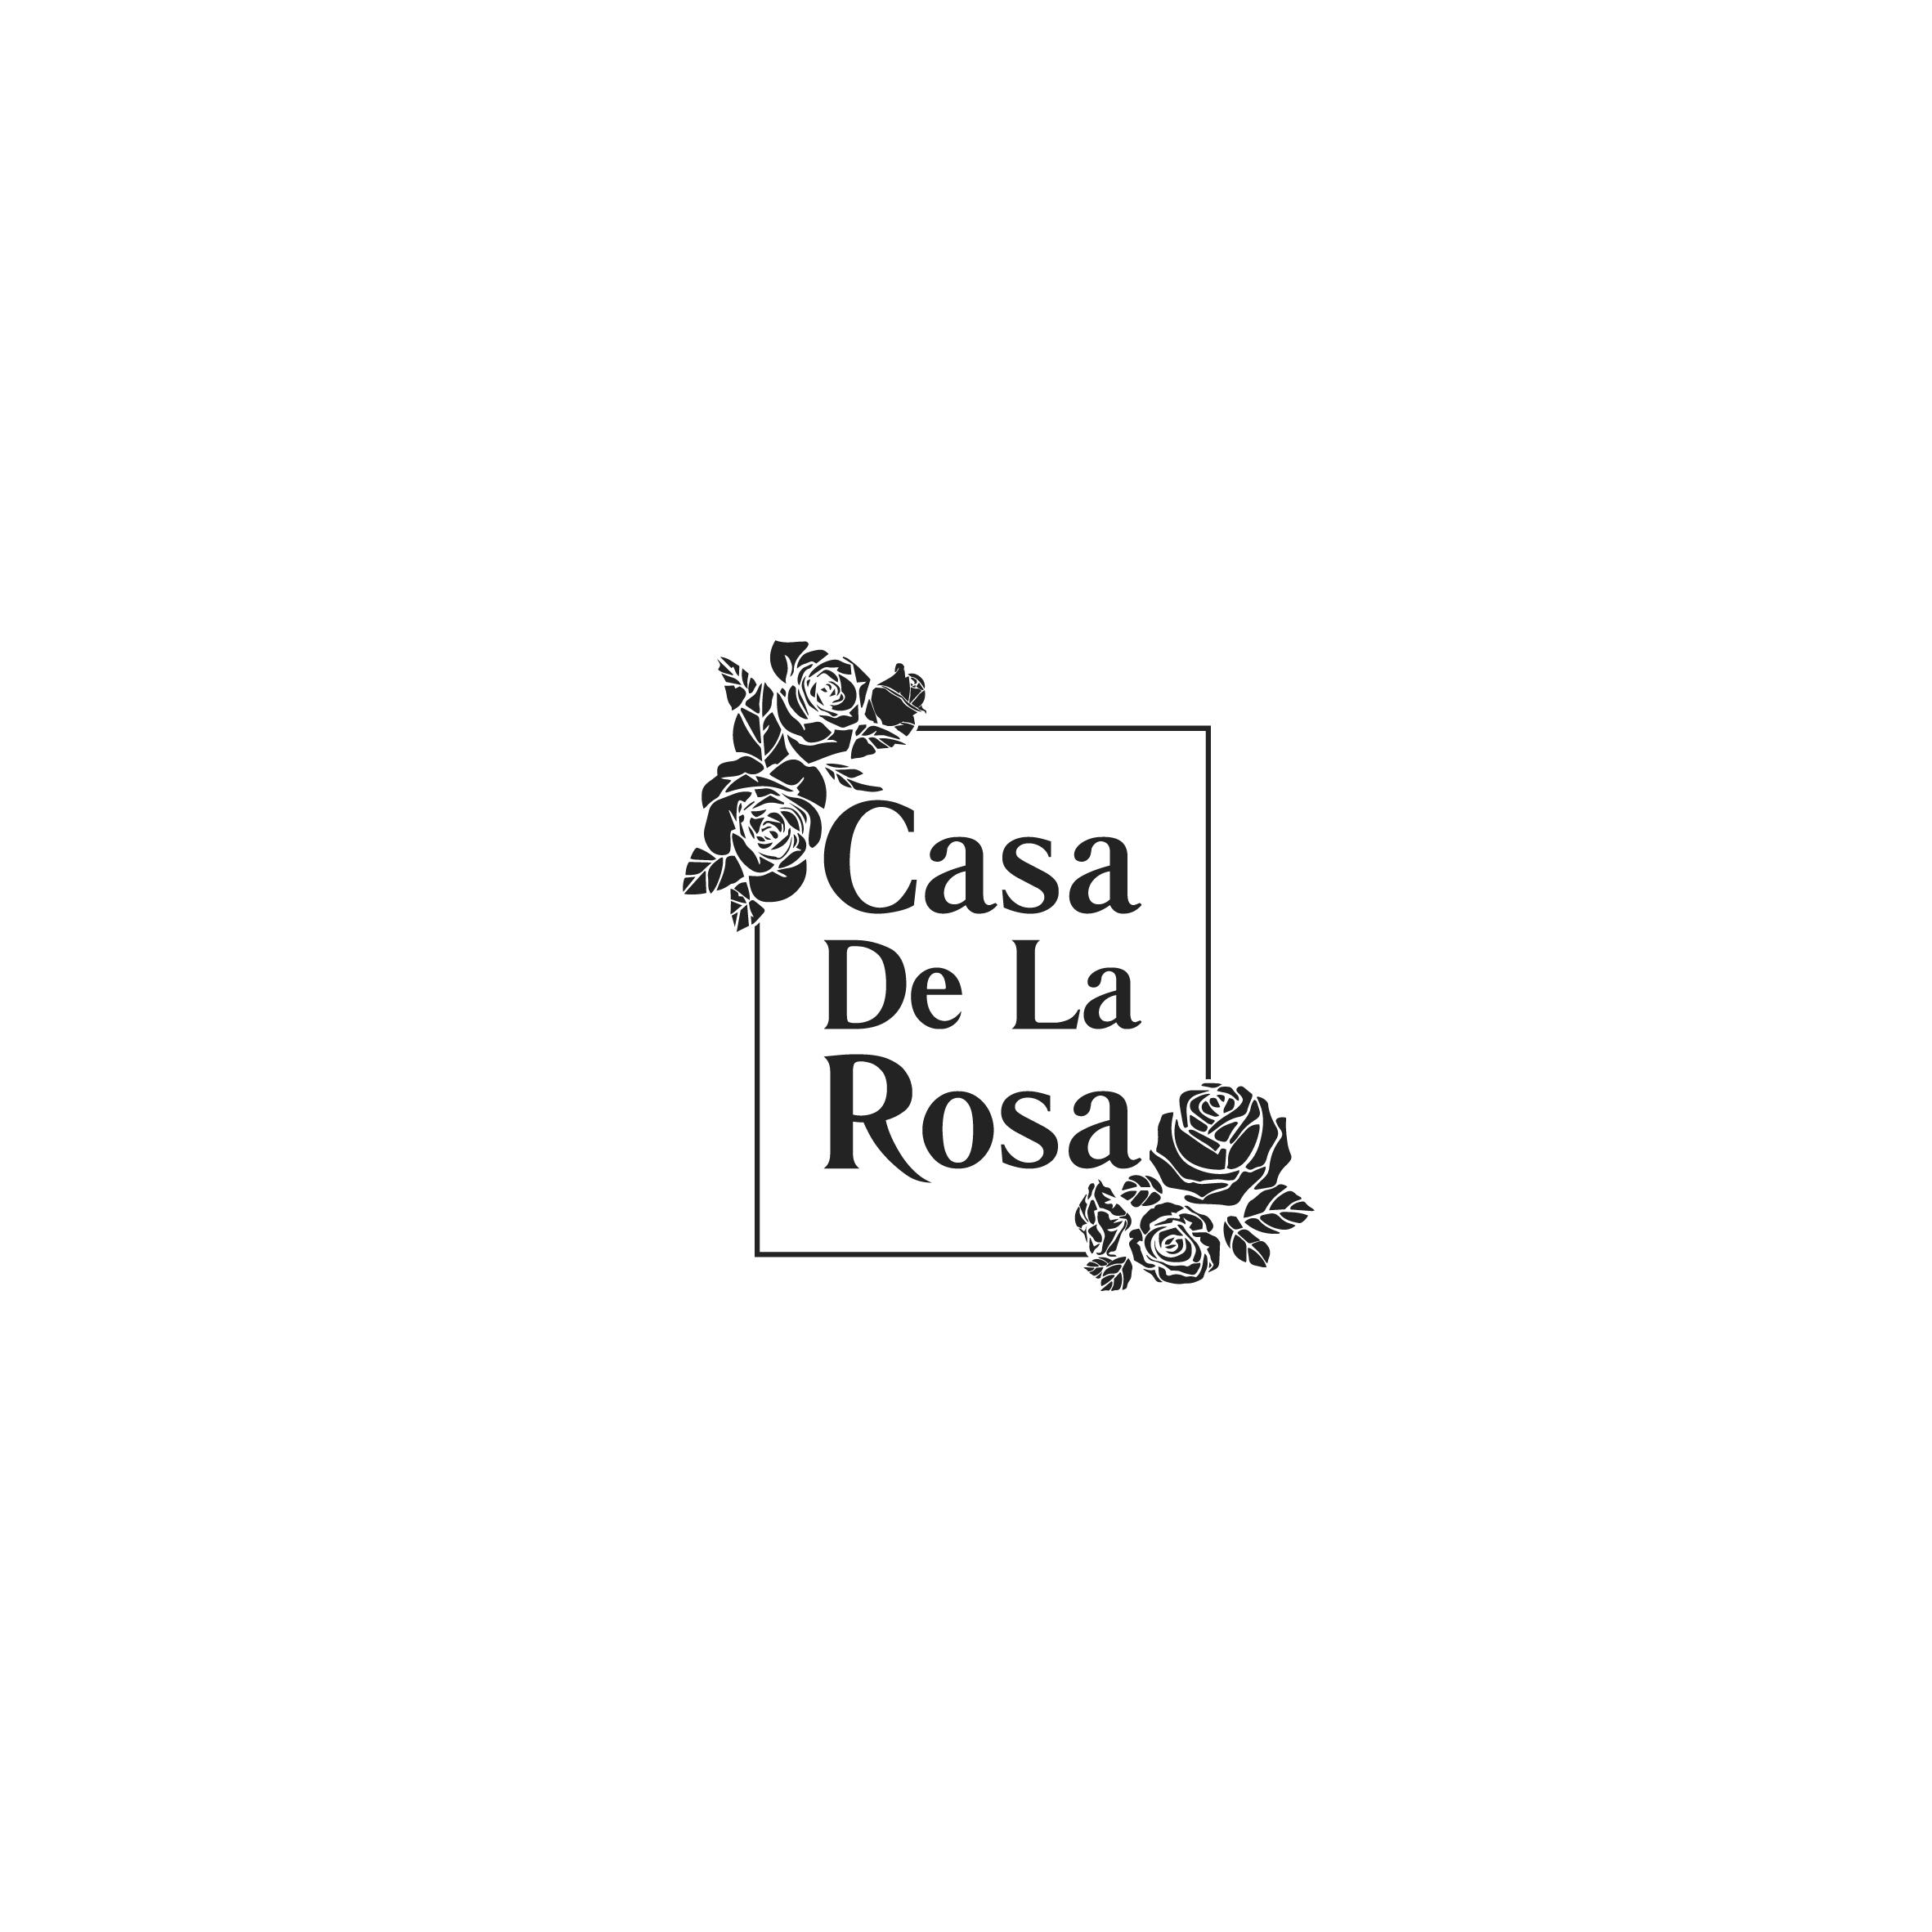 Логотип + Фирменный знак для элитного поселка Casa De La Rosa фото f_2535cd2f26b61de0.jpg